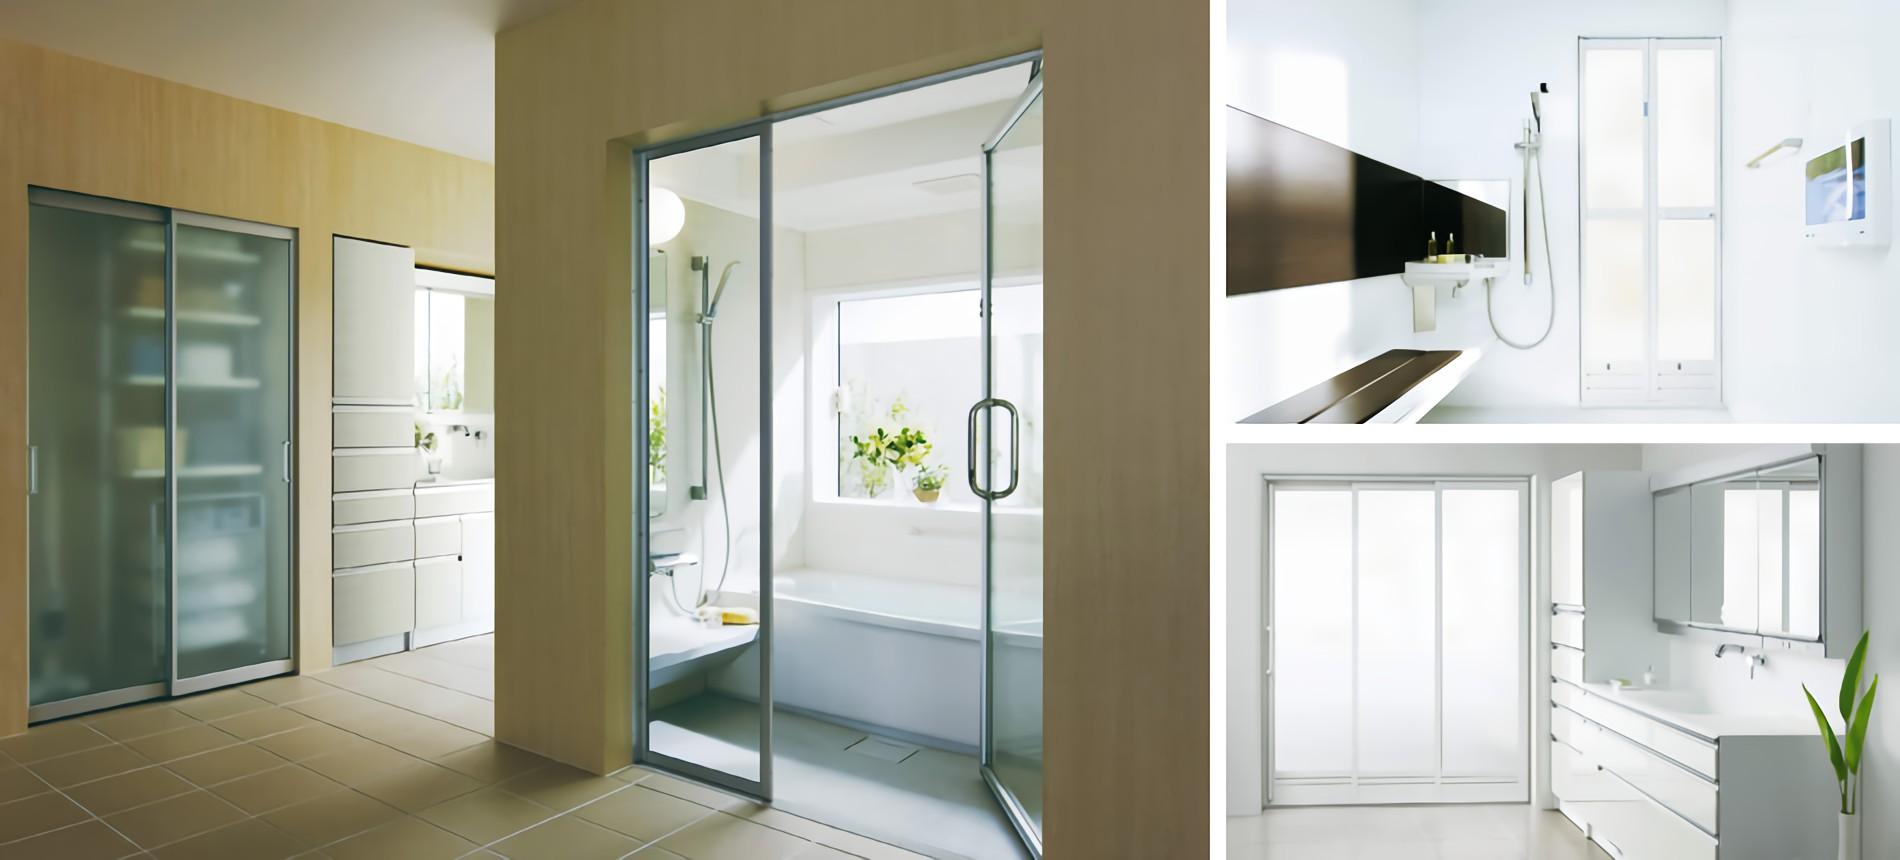 壁を壊すさずお風呂場の出入口戸は取替可能